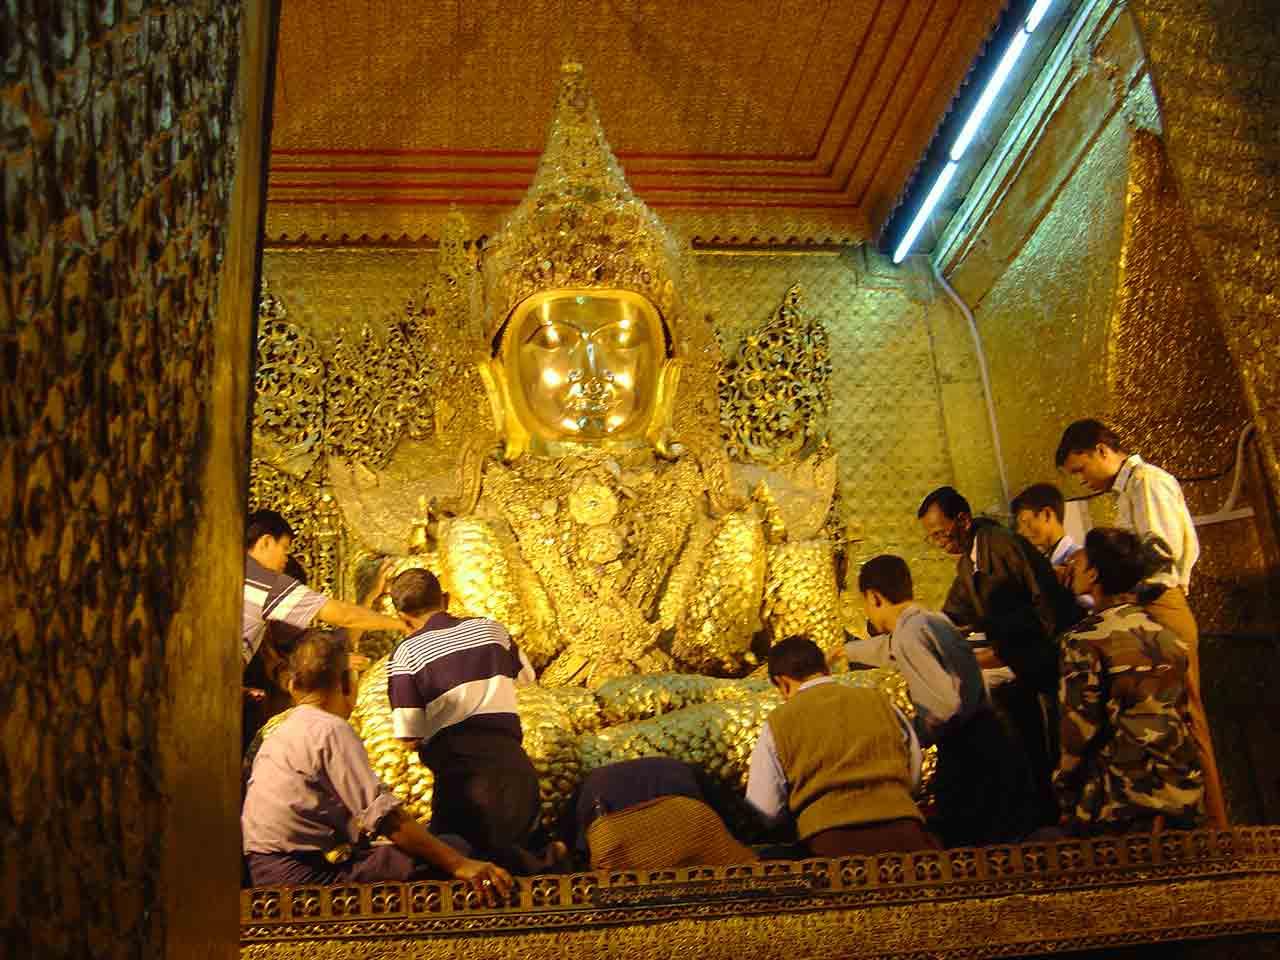 The fat Buddha in Mandalay